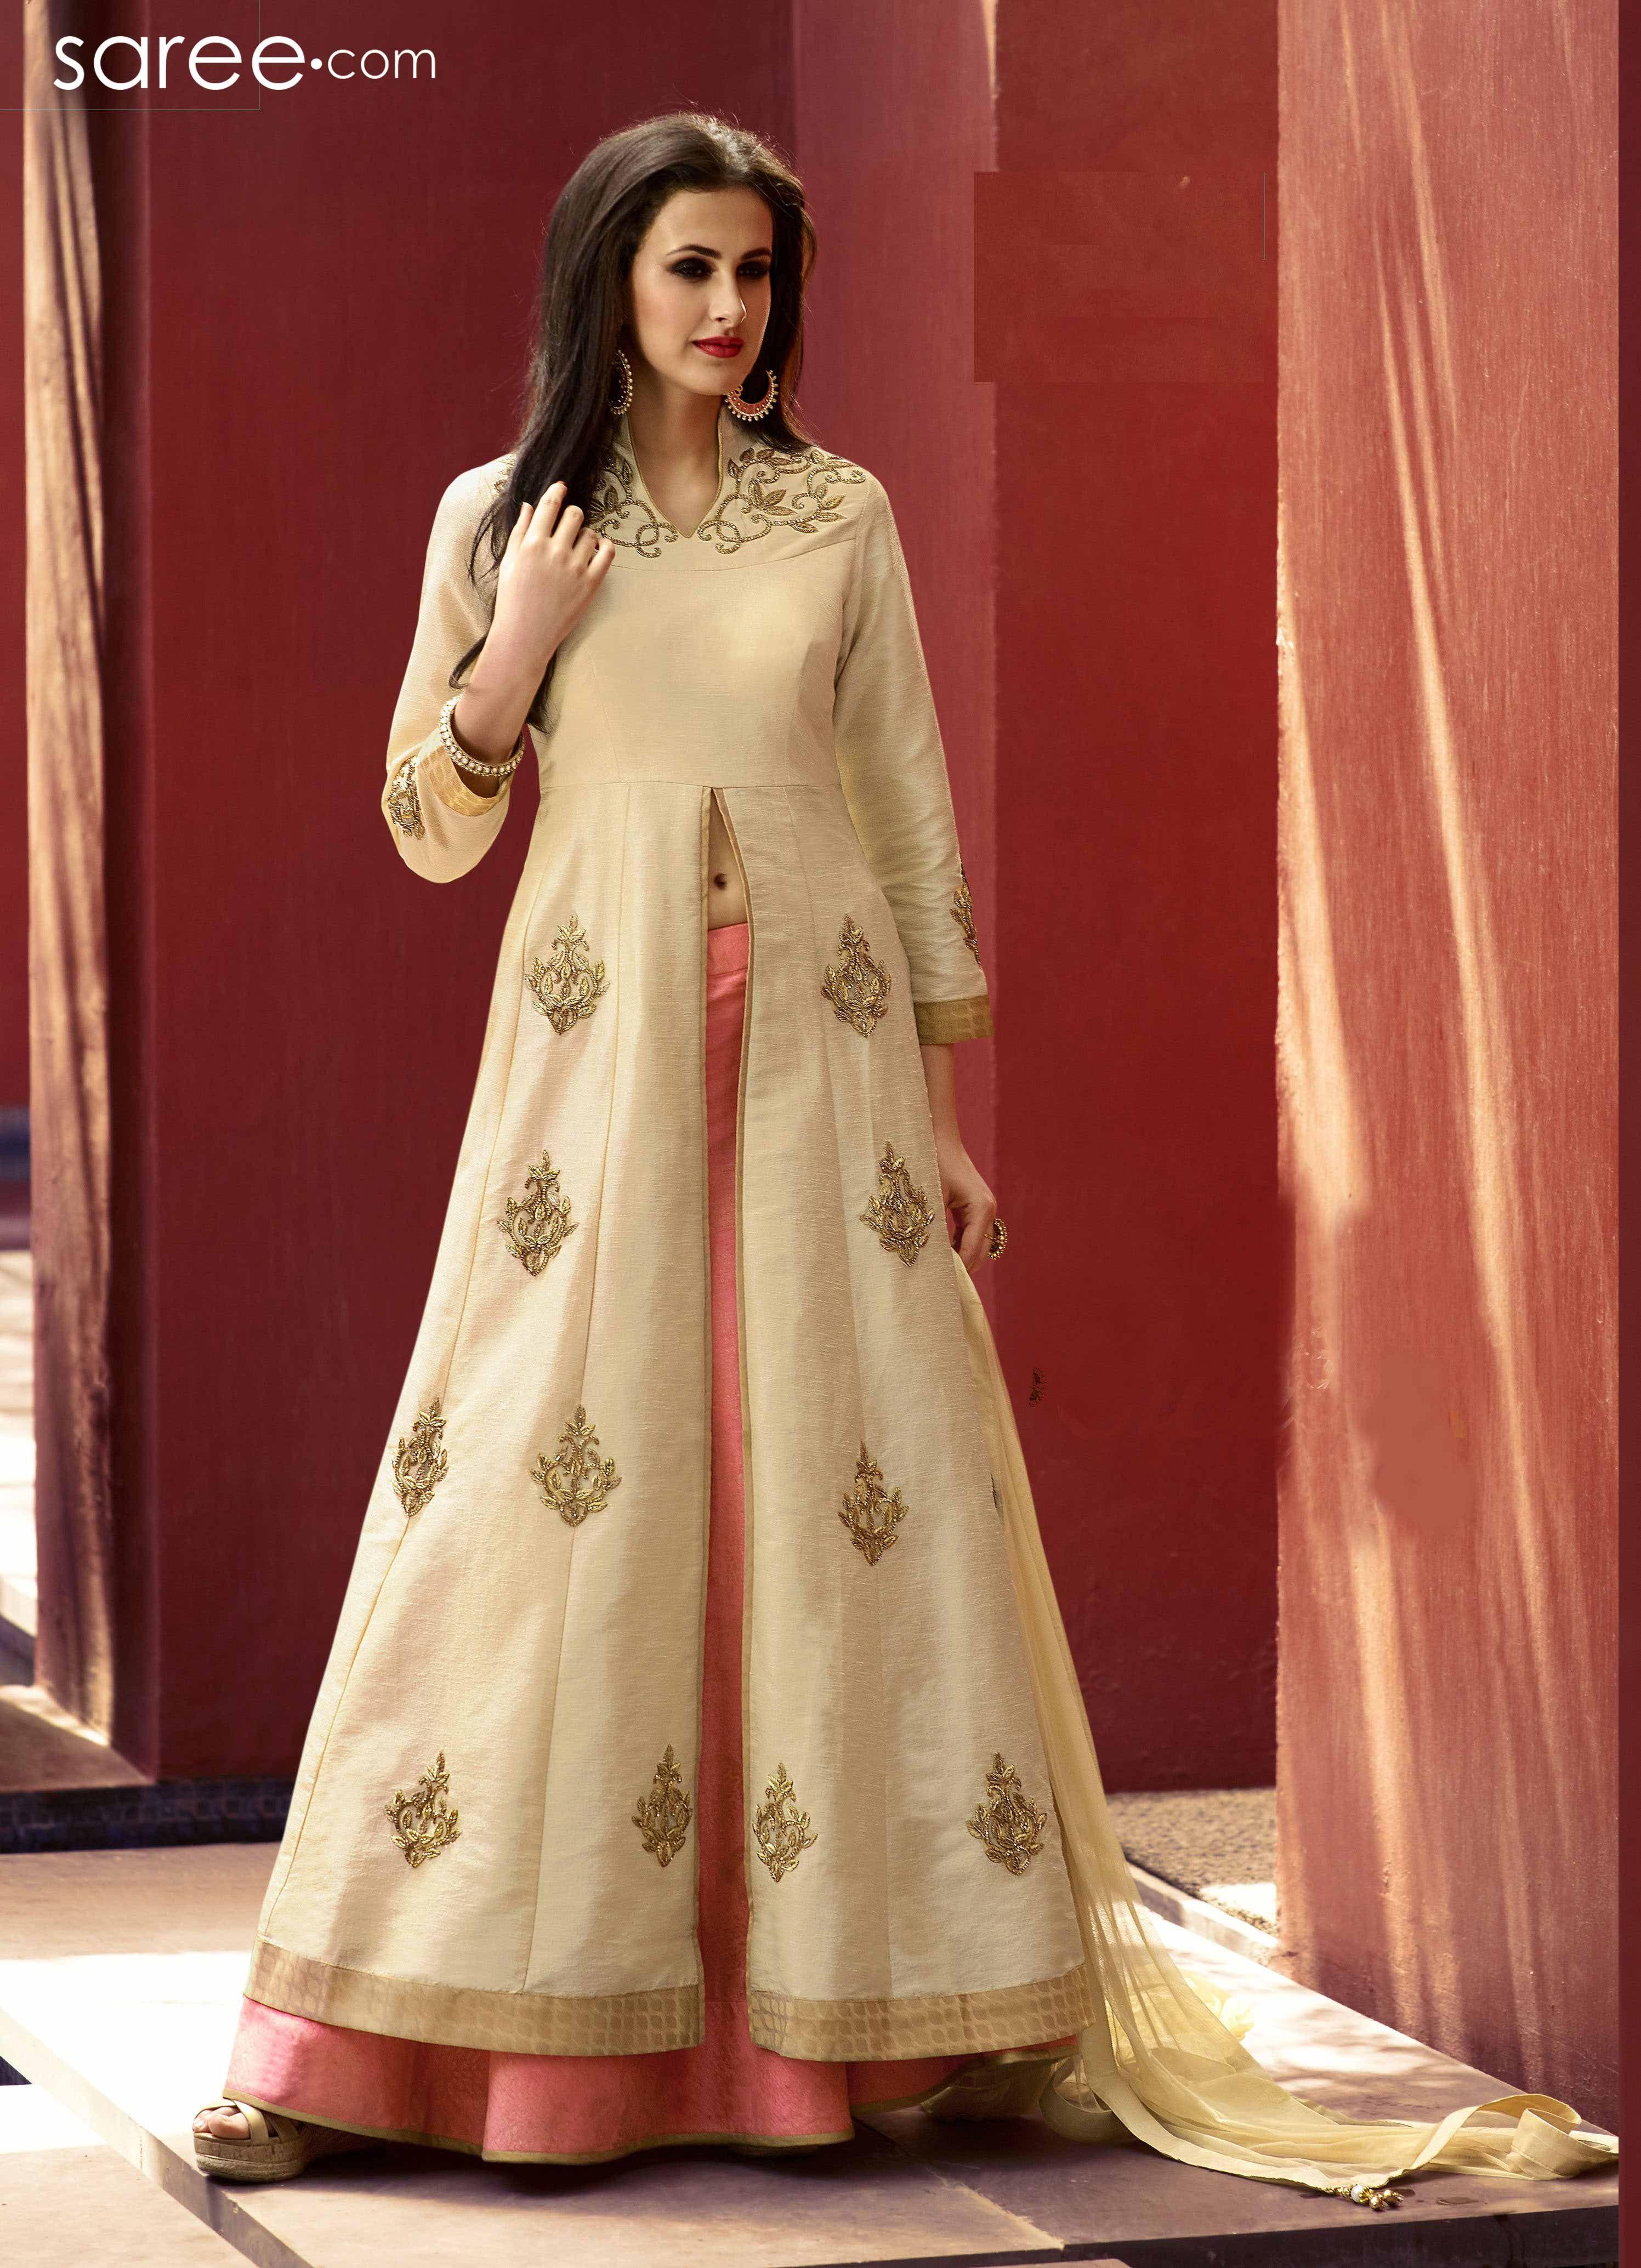 Dresses sarees suits lengha anarkali lehenga pink anarkali lehenga - Be Your Own Style Icon With Captivating Beige Art Silk And Jacquard Designer Lehenga Choli The Ethnic Em